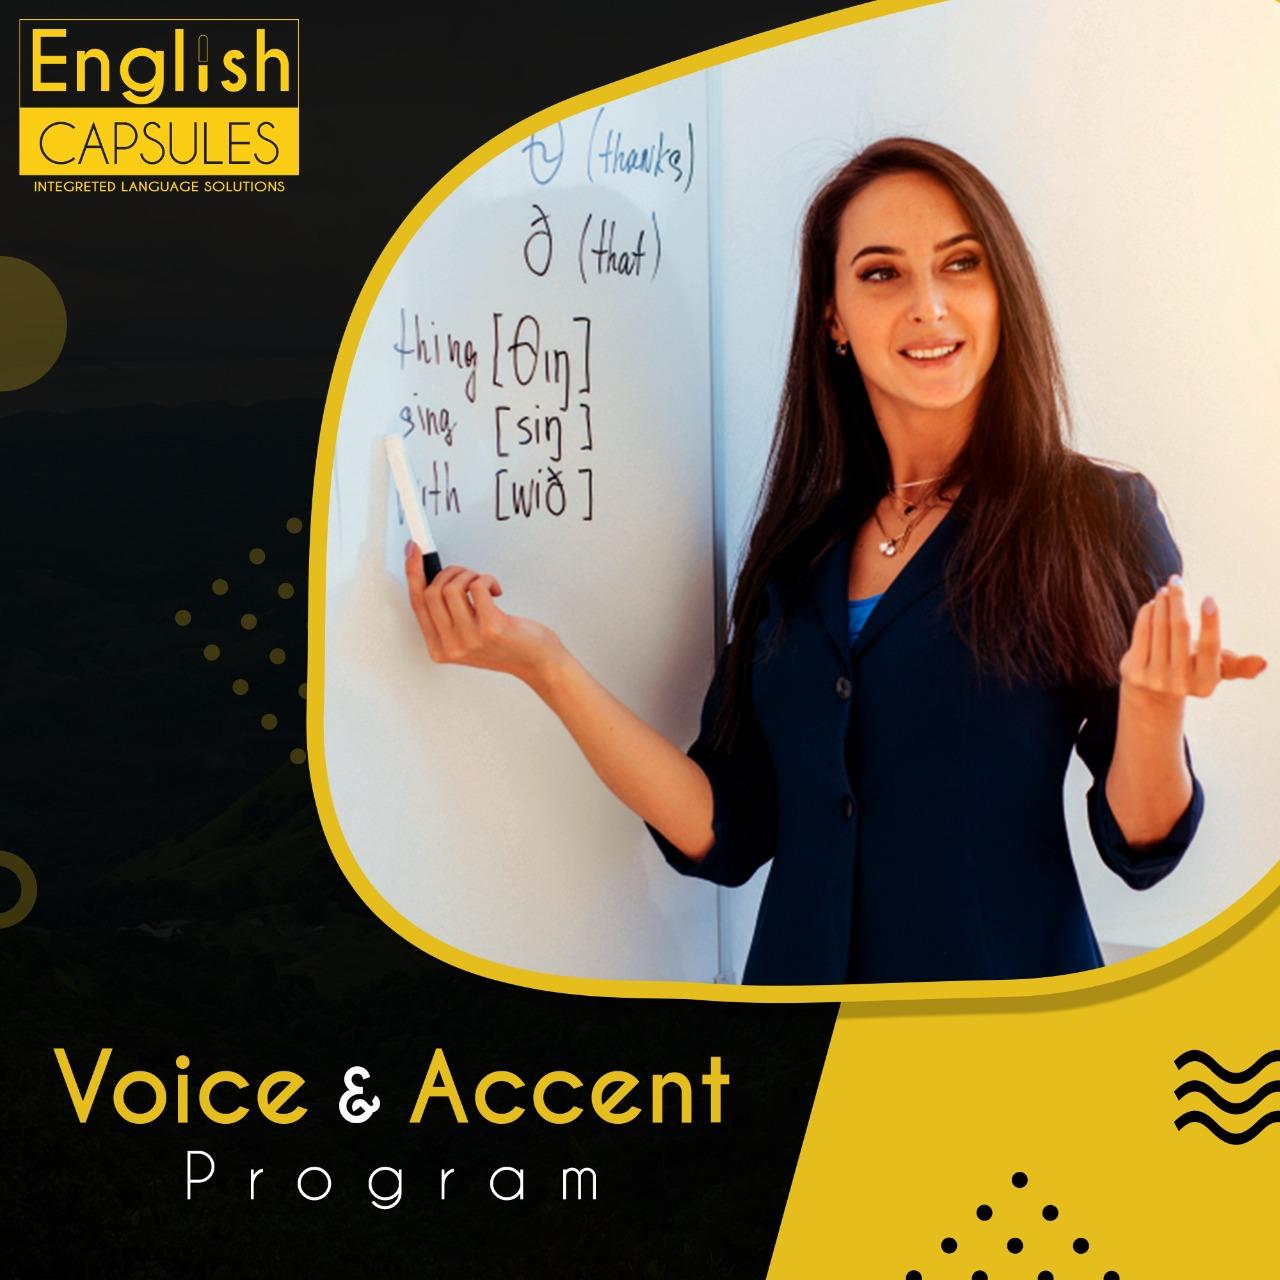 Voice & Accent Course - Level 1